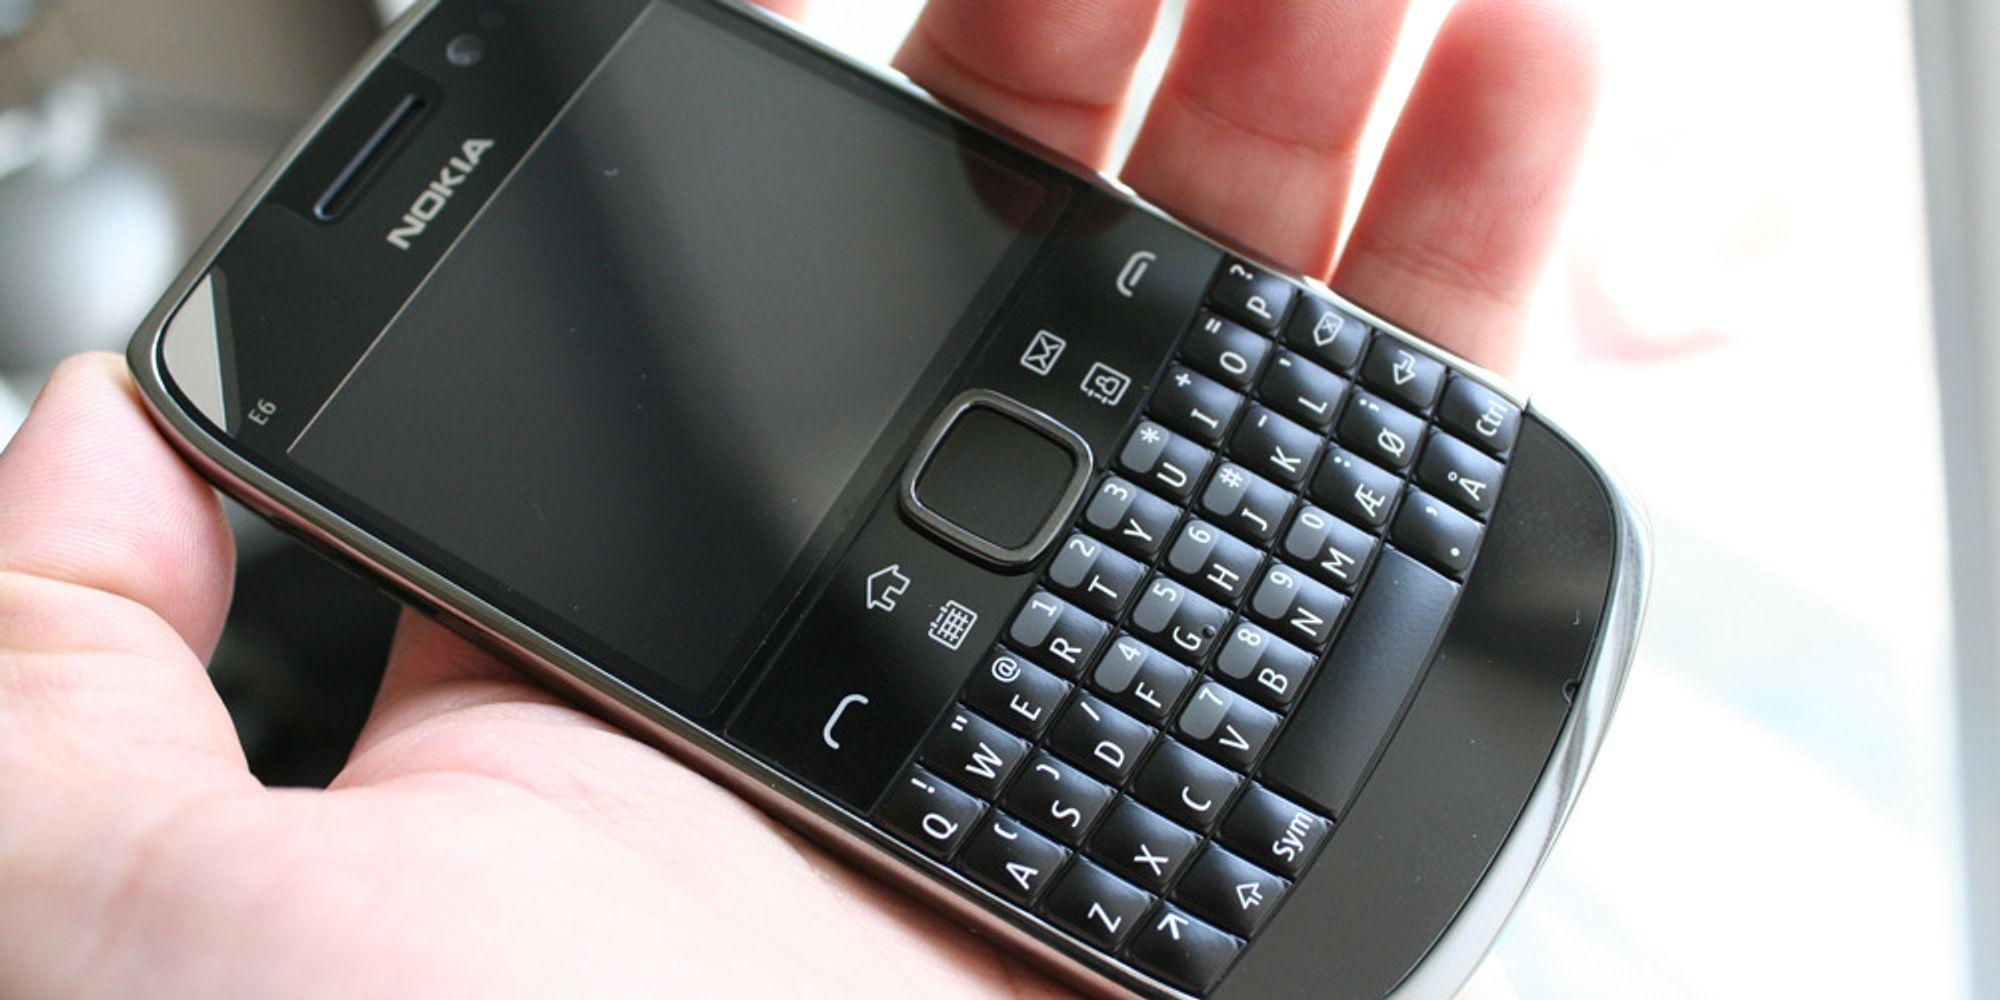 Unboxing av Nokia E6